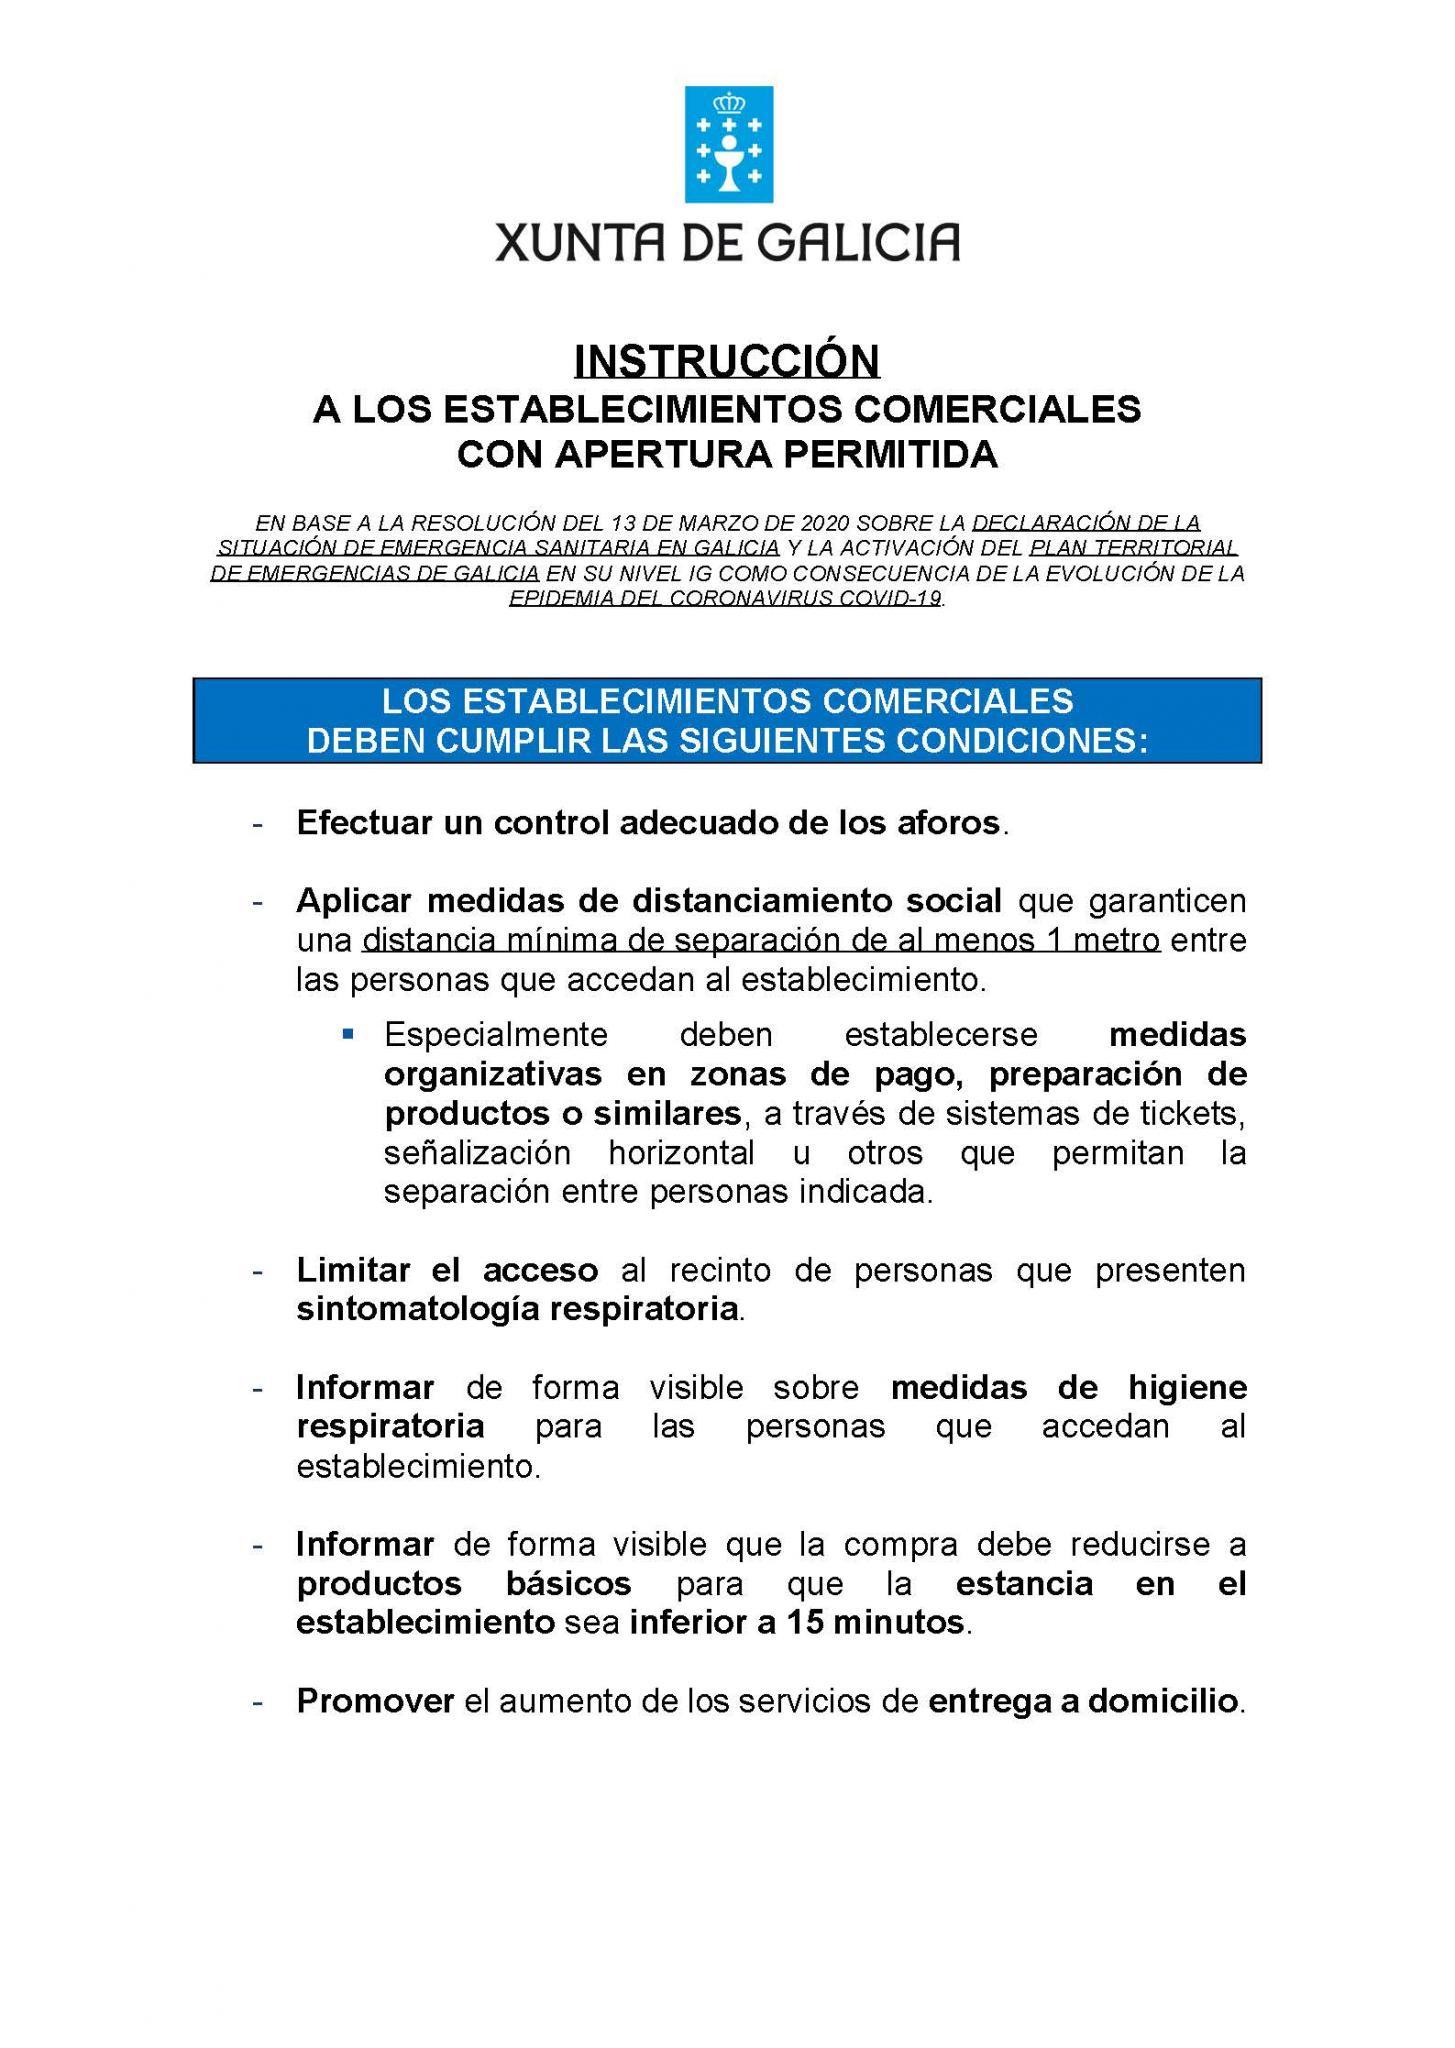 INSTRUCCIÓN ESTABLECIMIENTOS COMERCIALES COVID-19.jpg